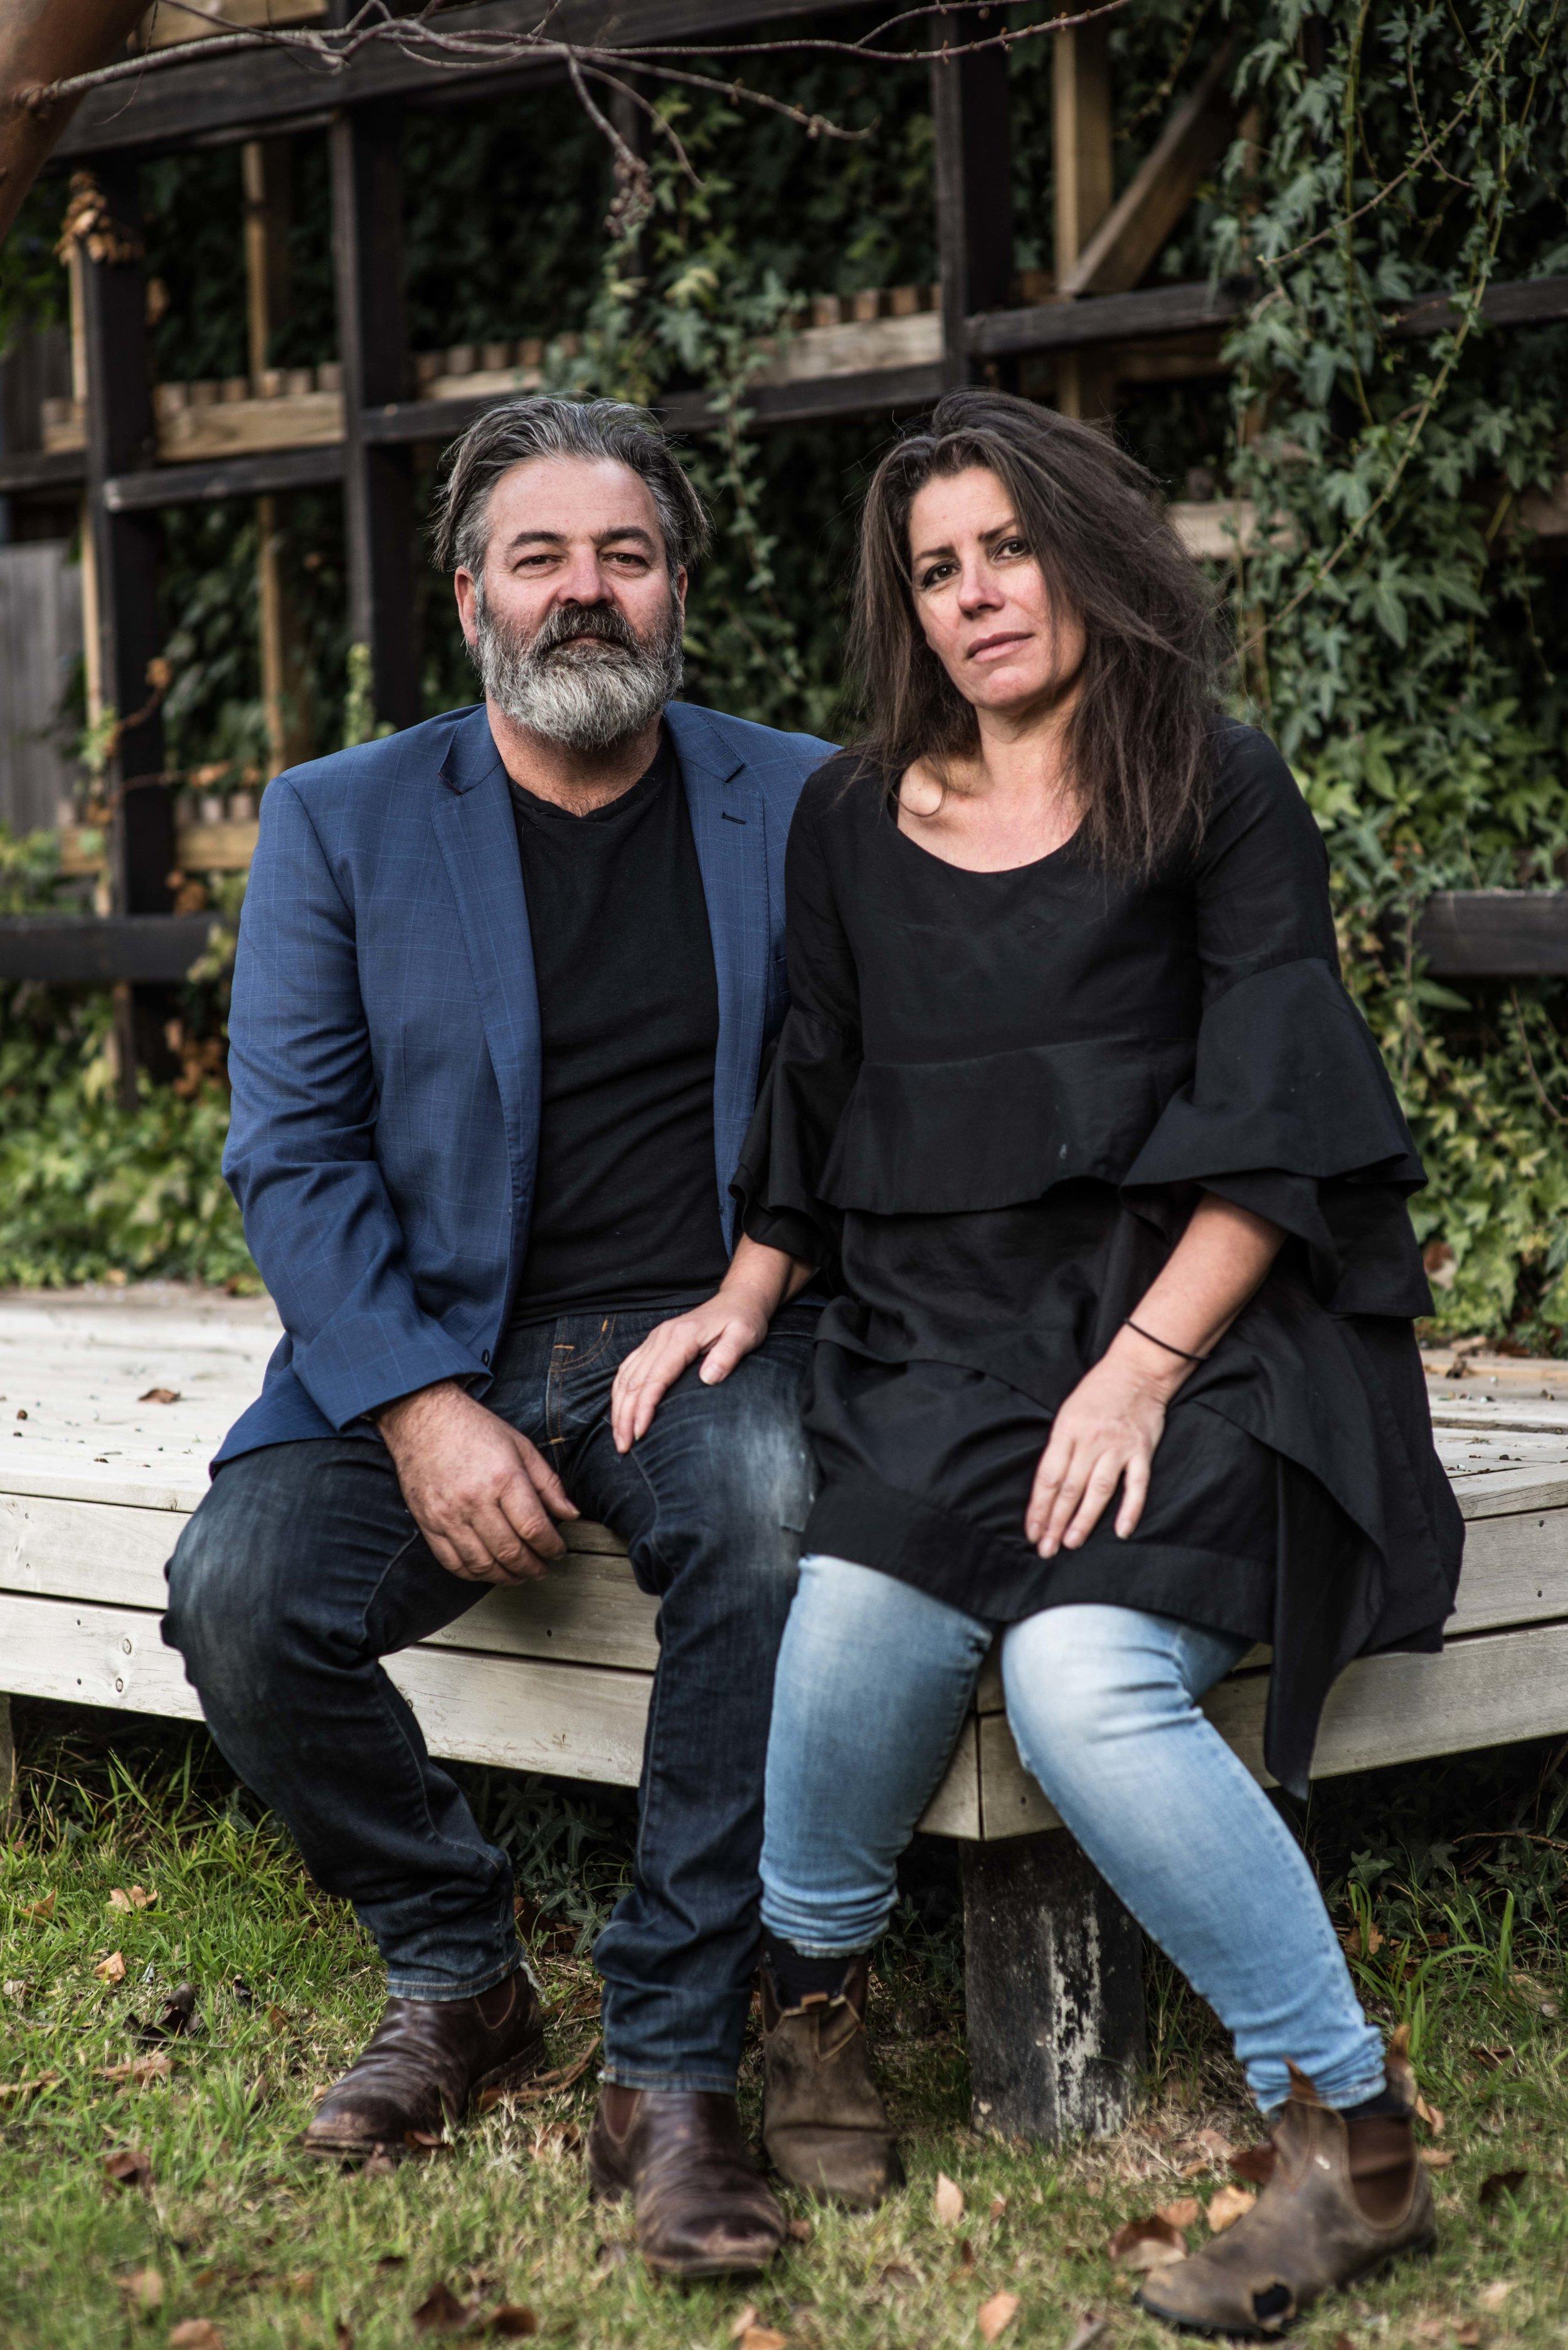 Tony De Marco & Theresa Abioli - Photo by Richard Cornish